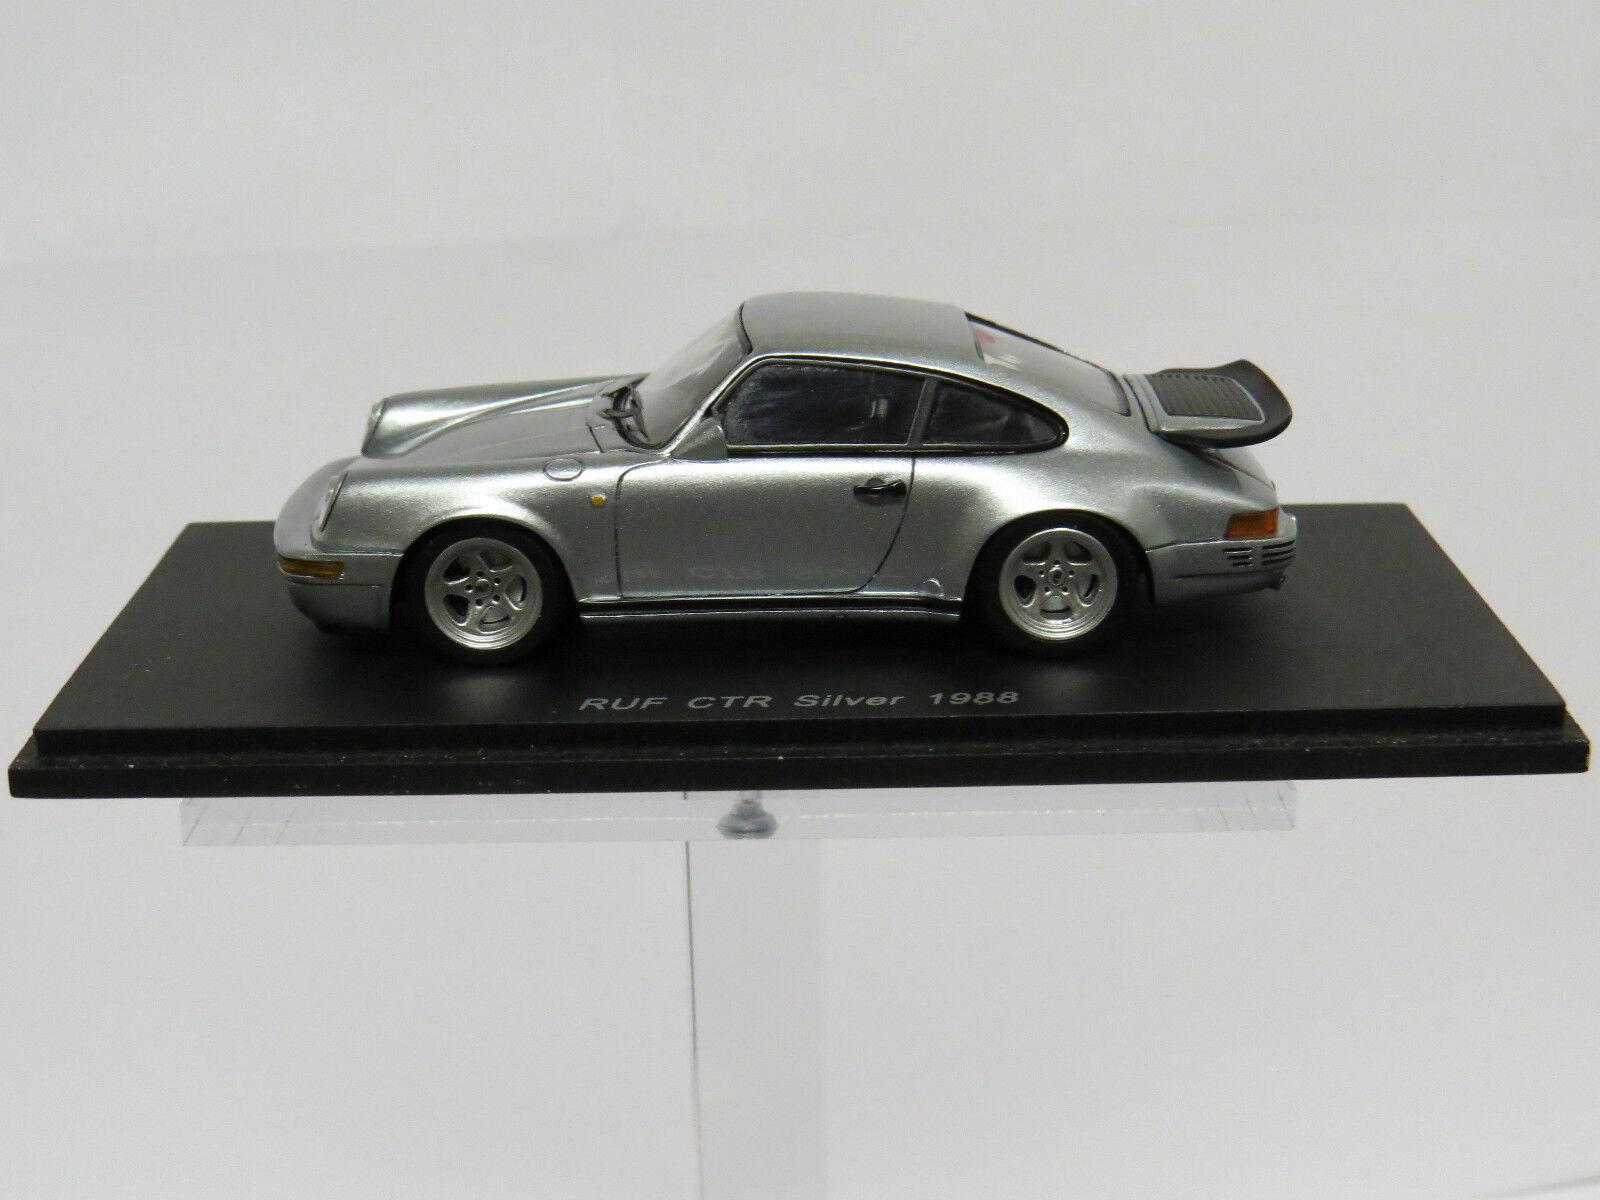 respuestas rápidas Porsche RUF CTR plata 1988 1988 1988 1 43 Spark S0703  Entrega rápida y envío gratis en todos los pedidos.